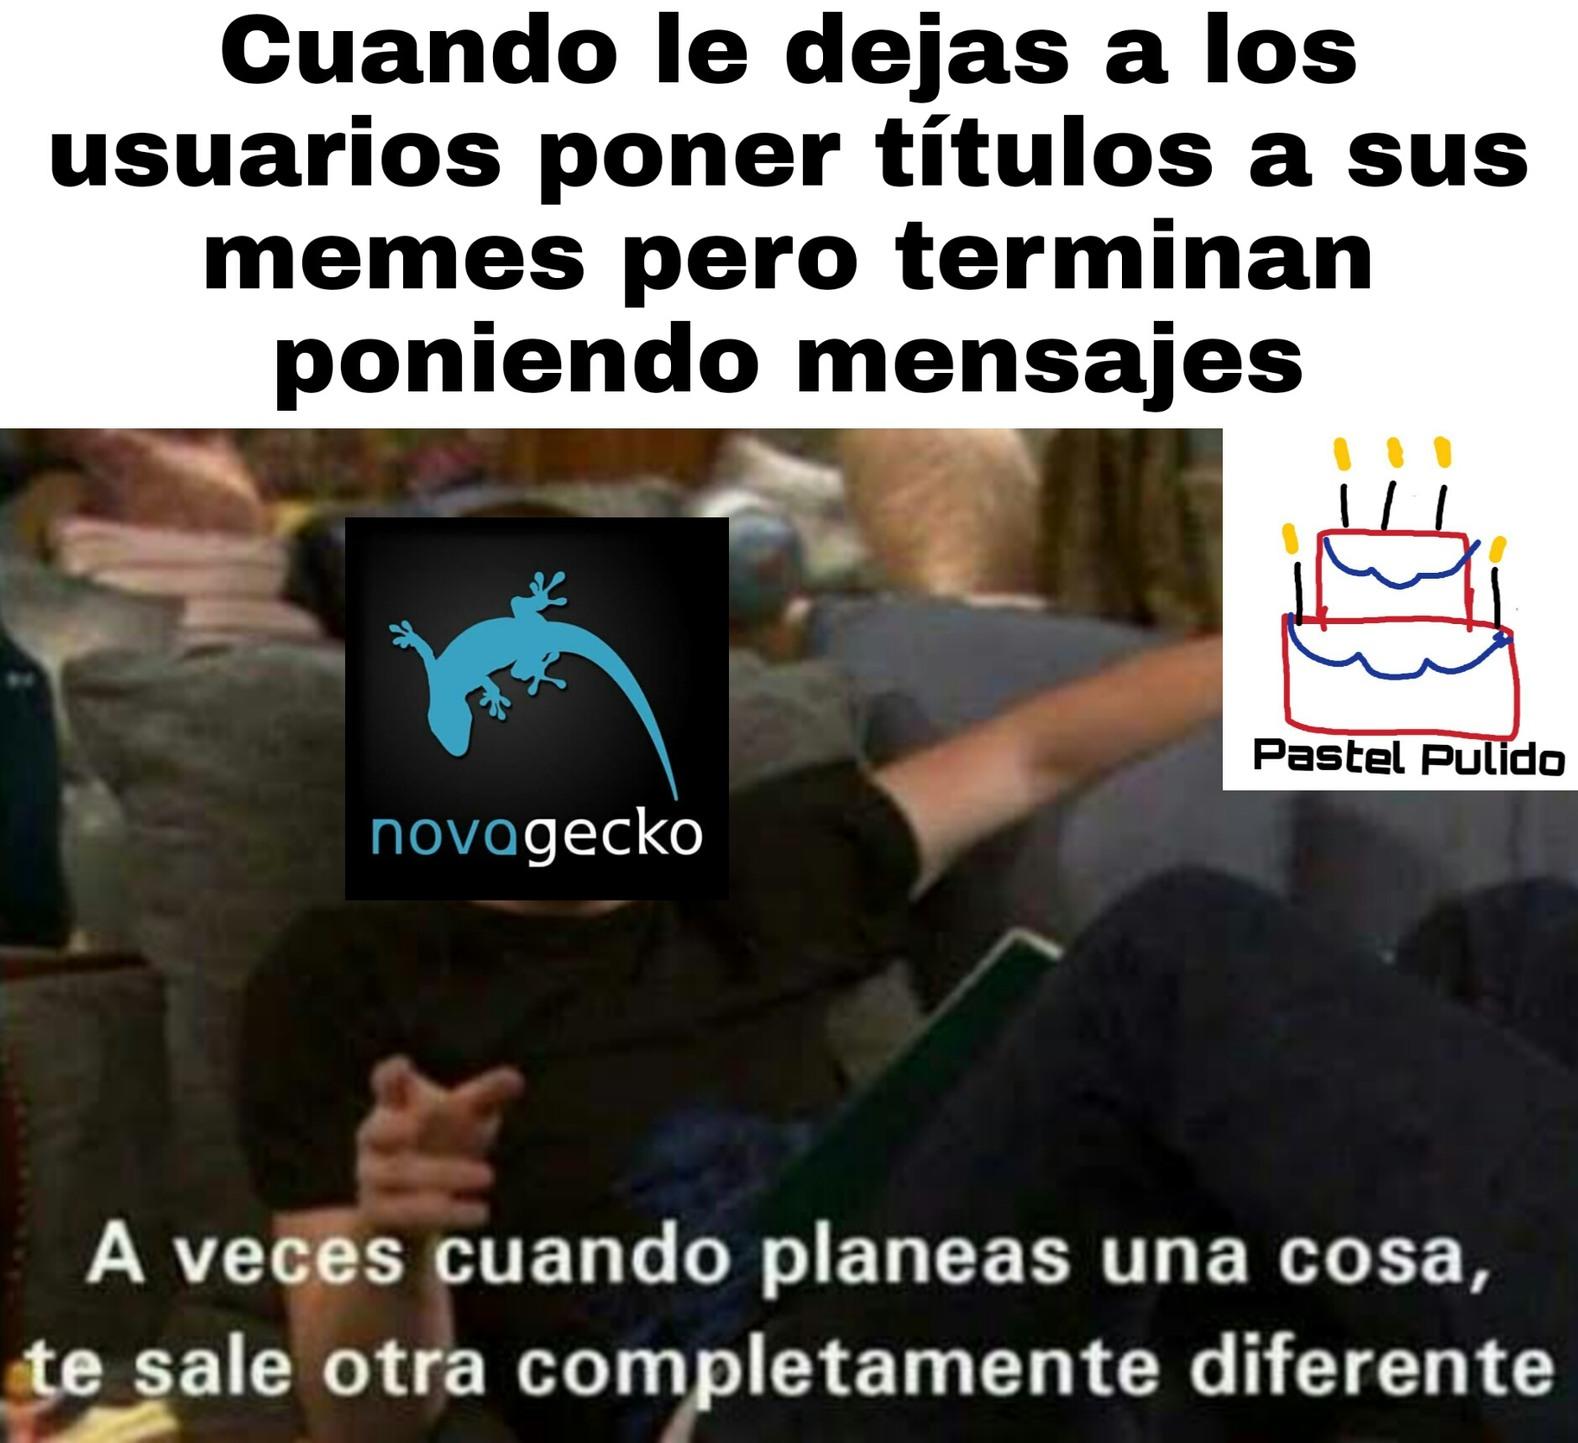 La sorpresa de Novagecko - meme